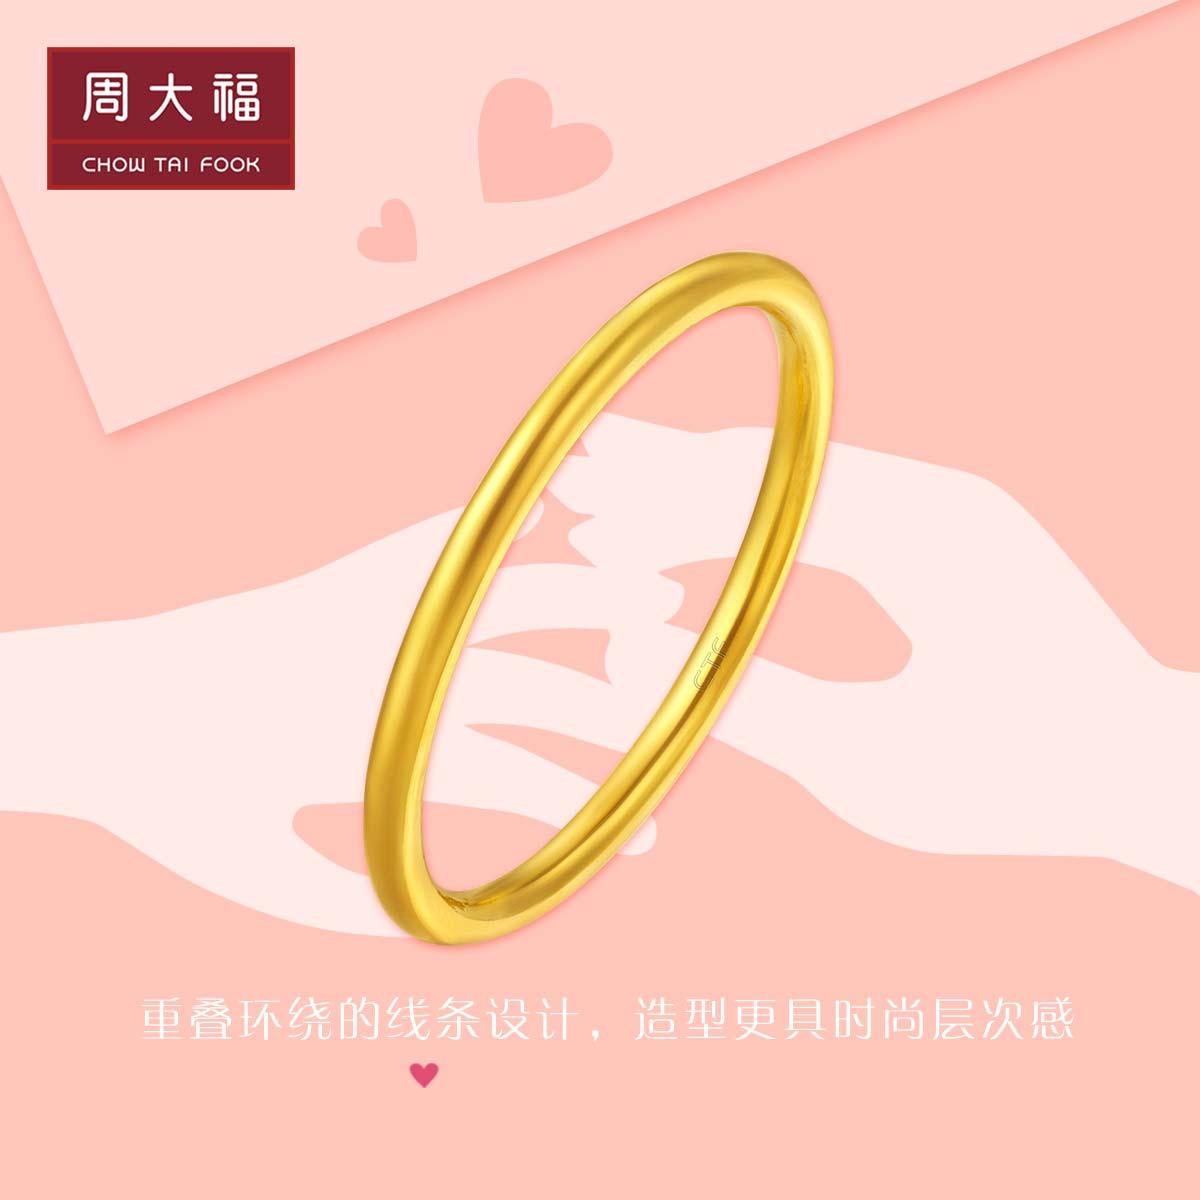 周大福珠宝首饰简约足金黄金素圈戒指计价EOF1